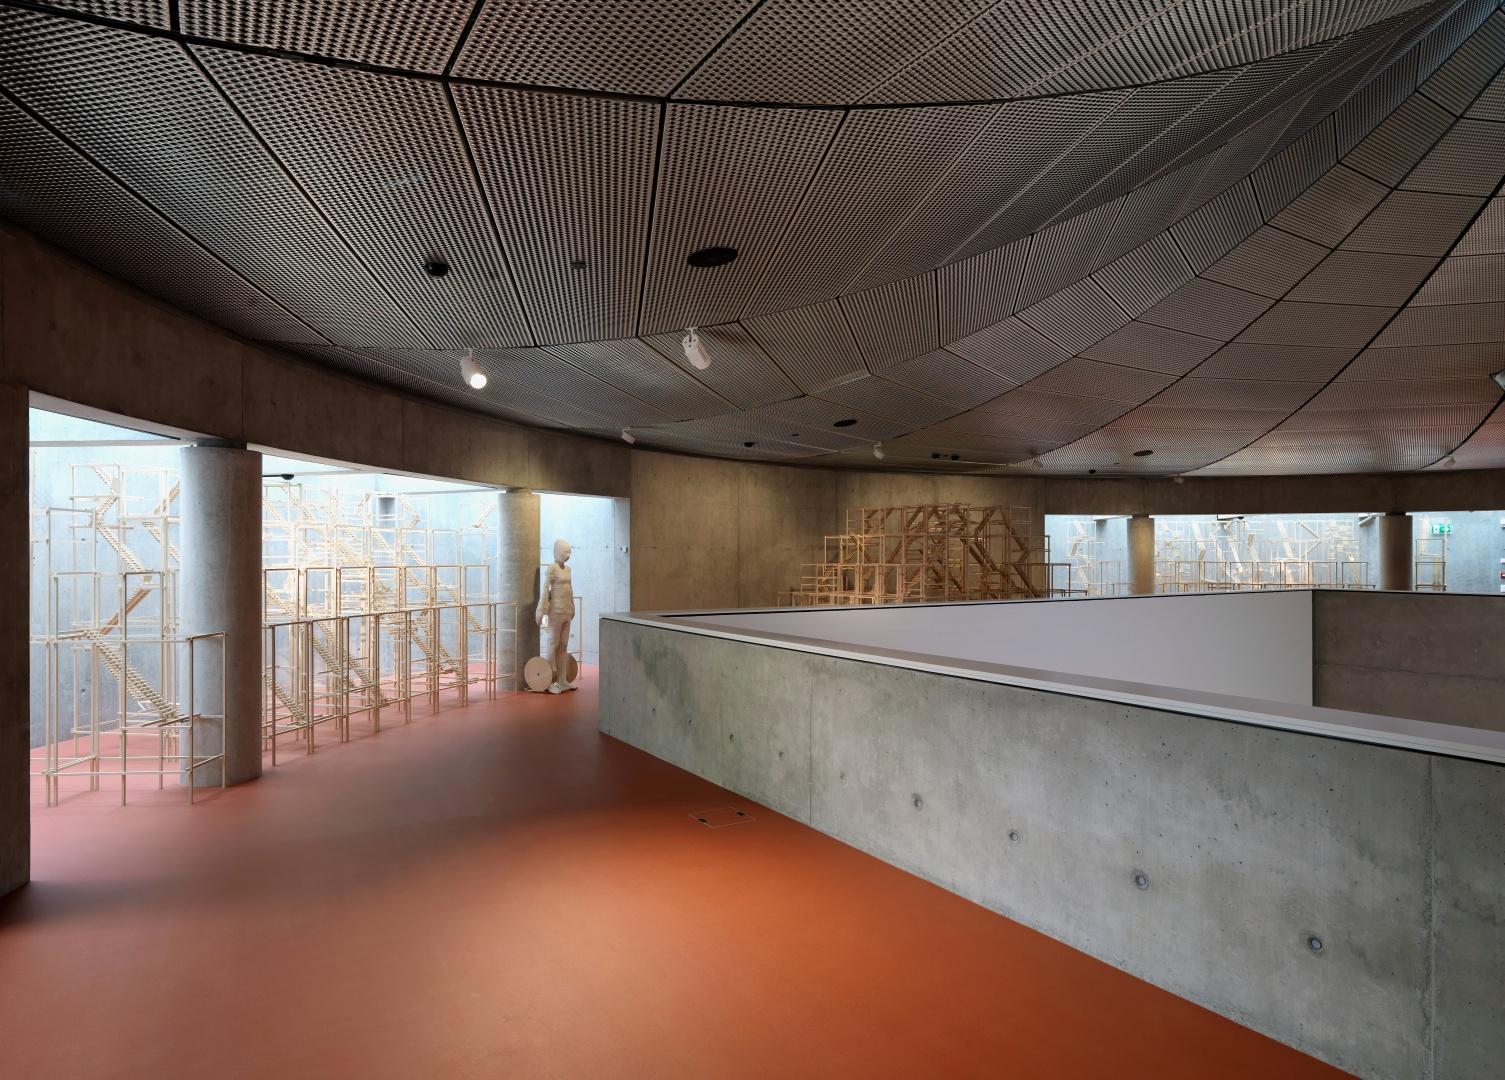 Sur les quatre niveaux principaux des espaces  pour environ 2000 mètres carrés se prêtent  à plusieurs utilisations pour des événements simultanés ou indépendants. © Enrico Cano